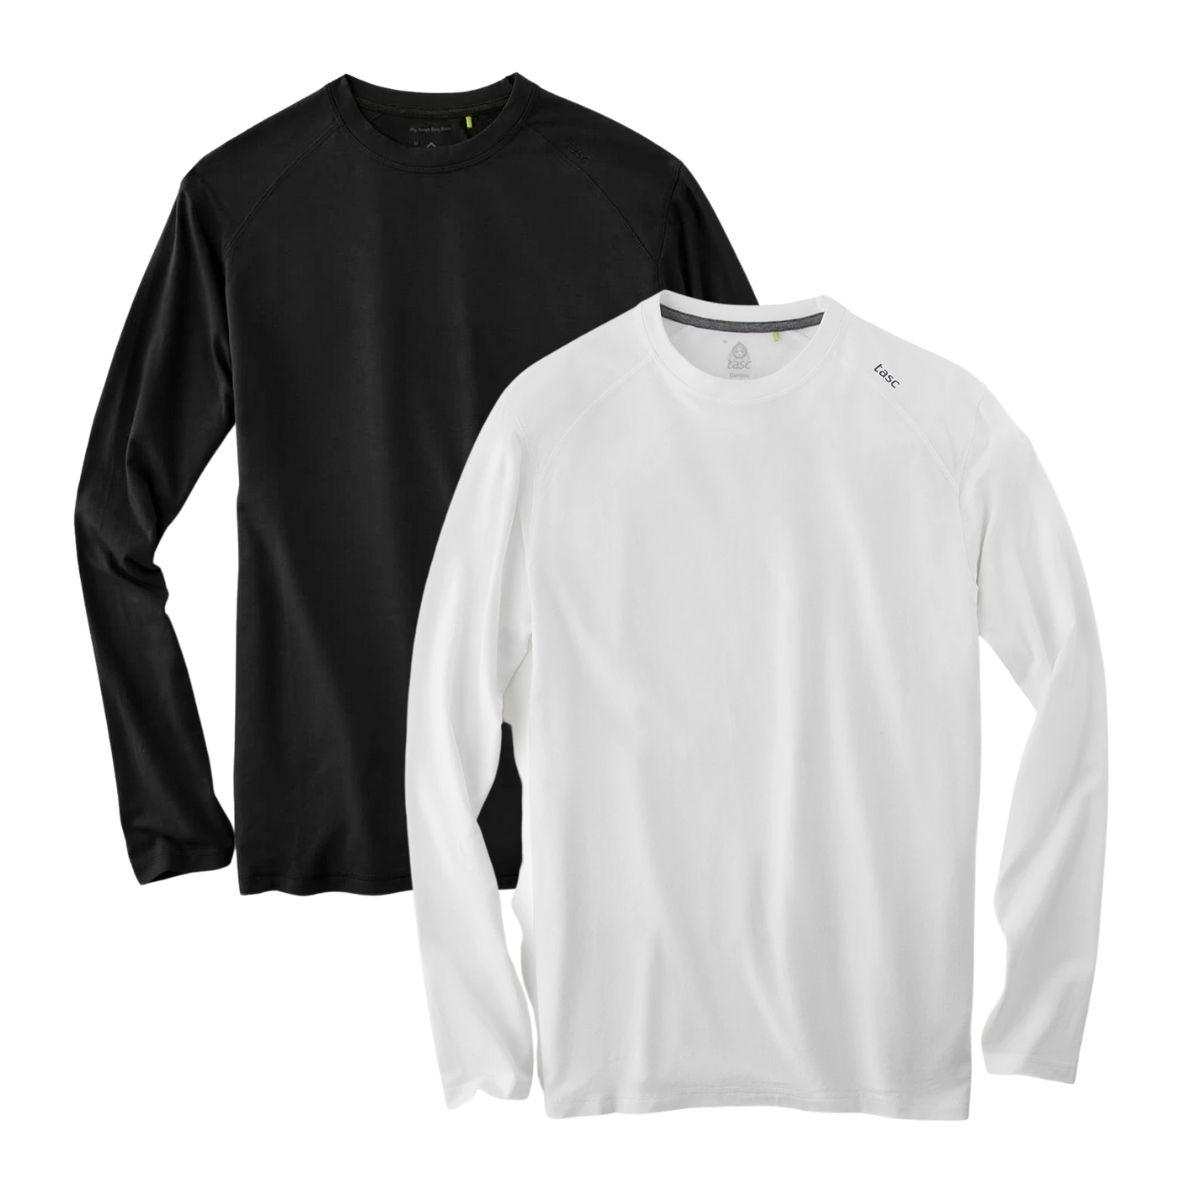 Tasc Men's 2021 Carrollton Longsleeve T-Shirt